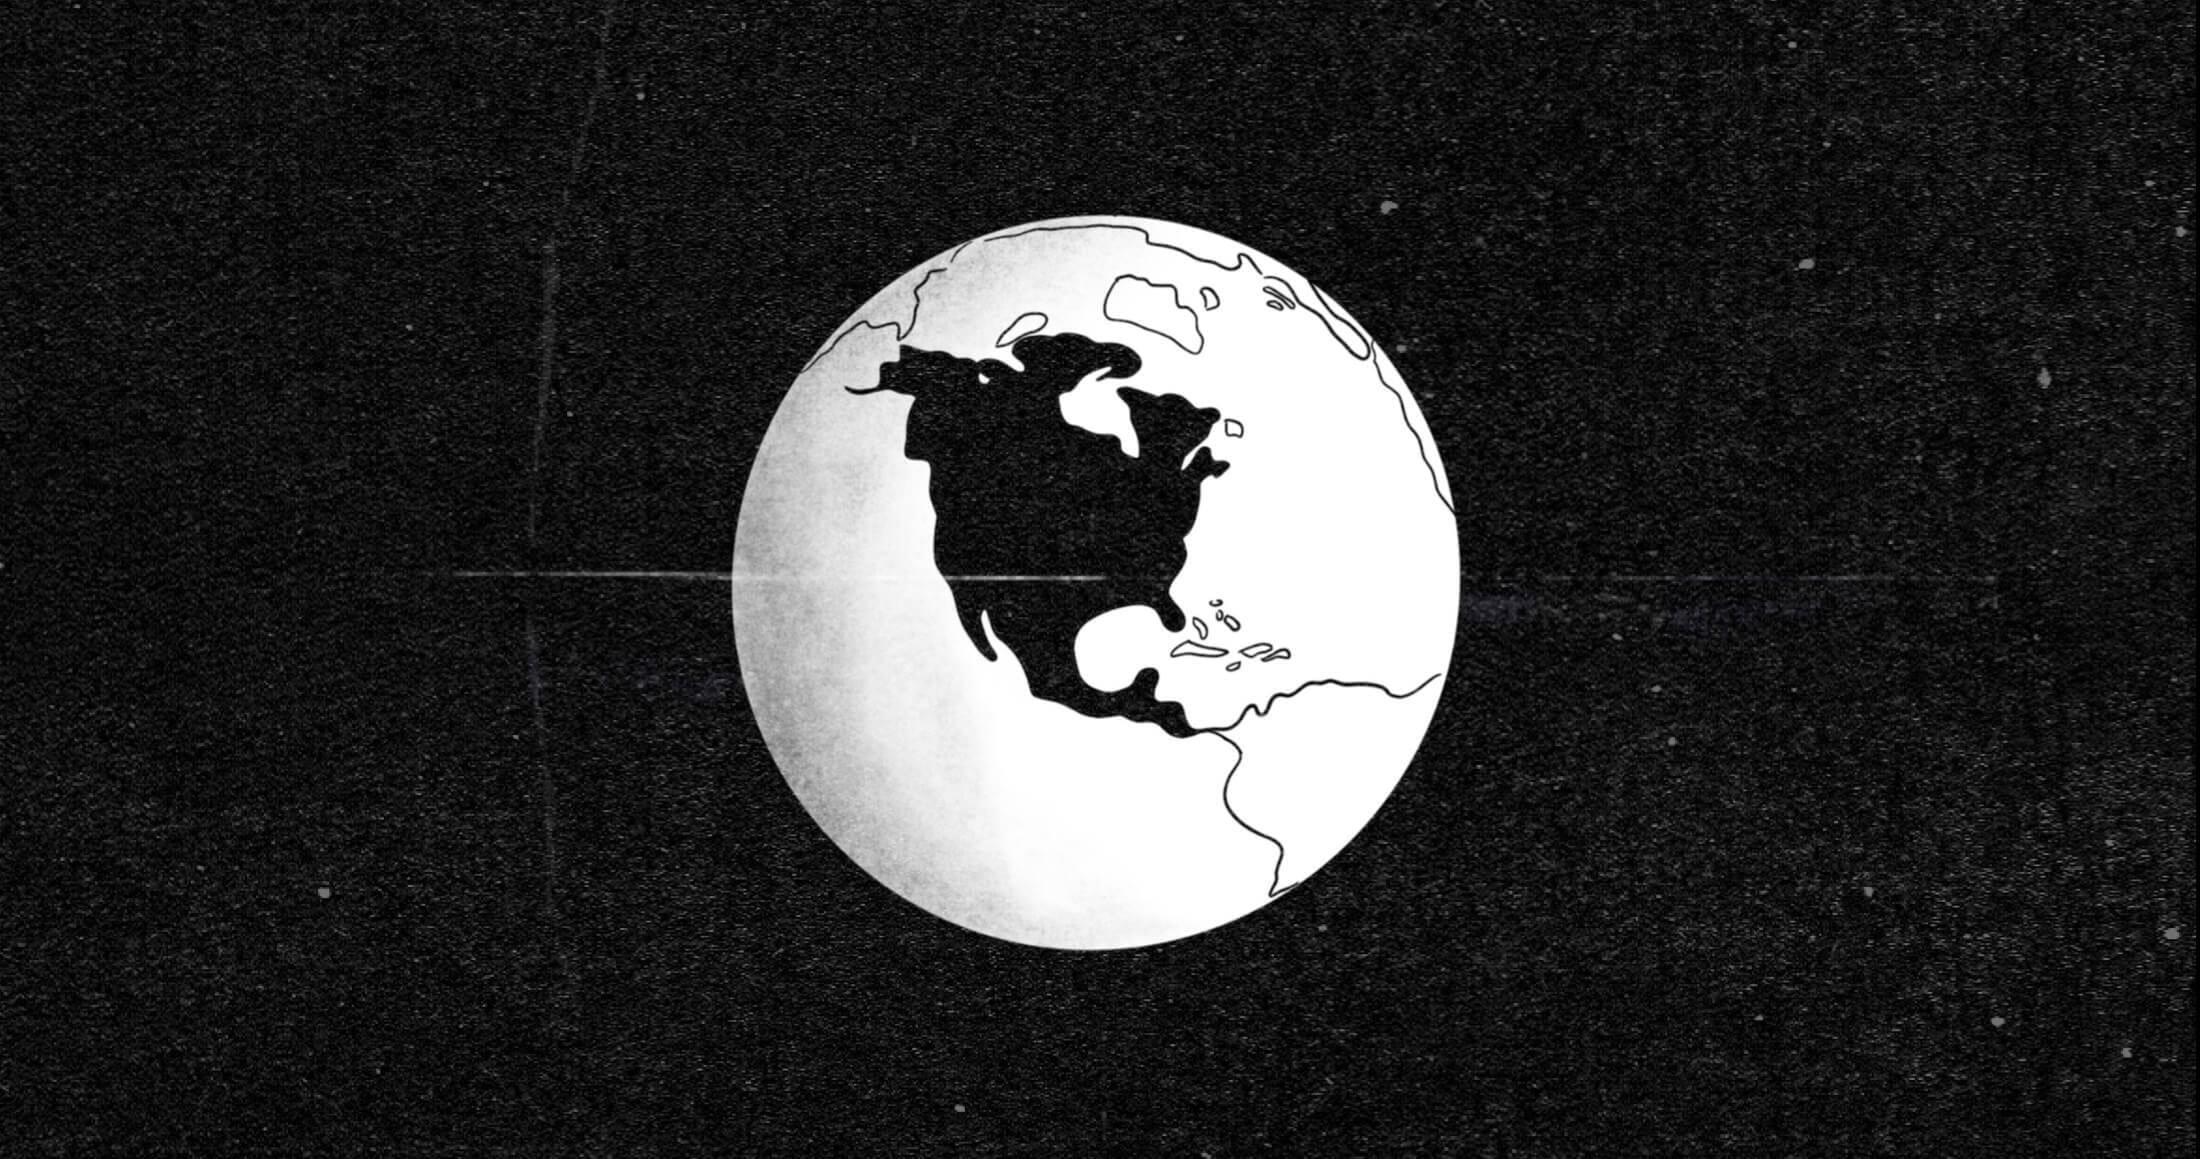 Amerika neemt de wereld over